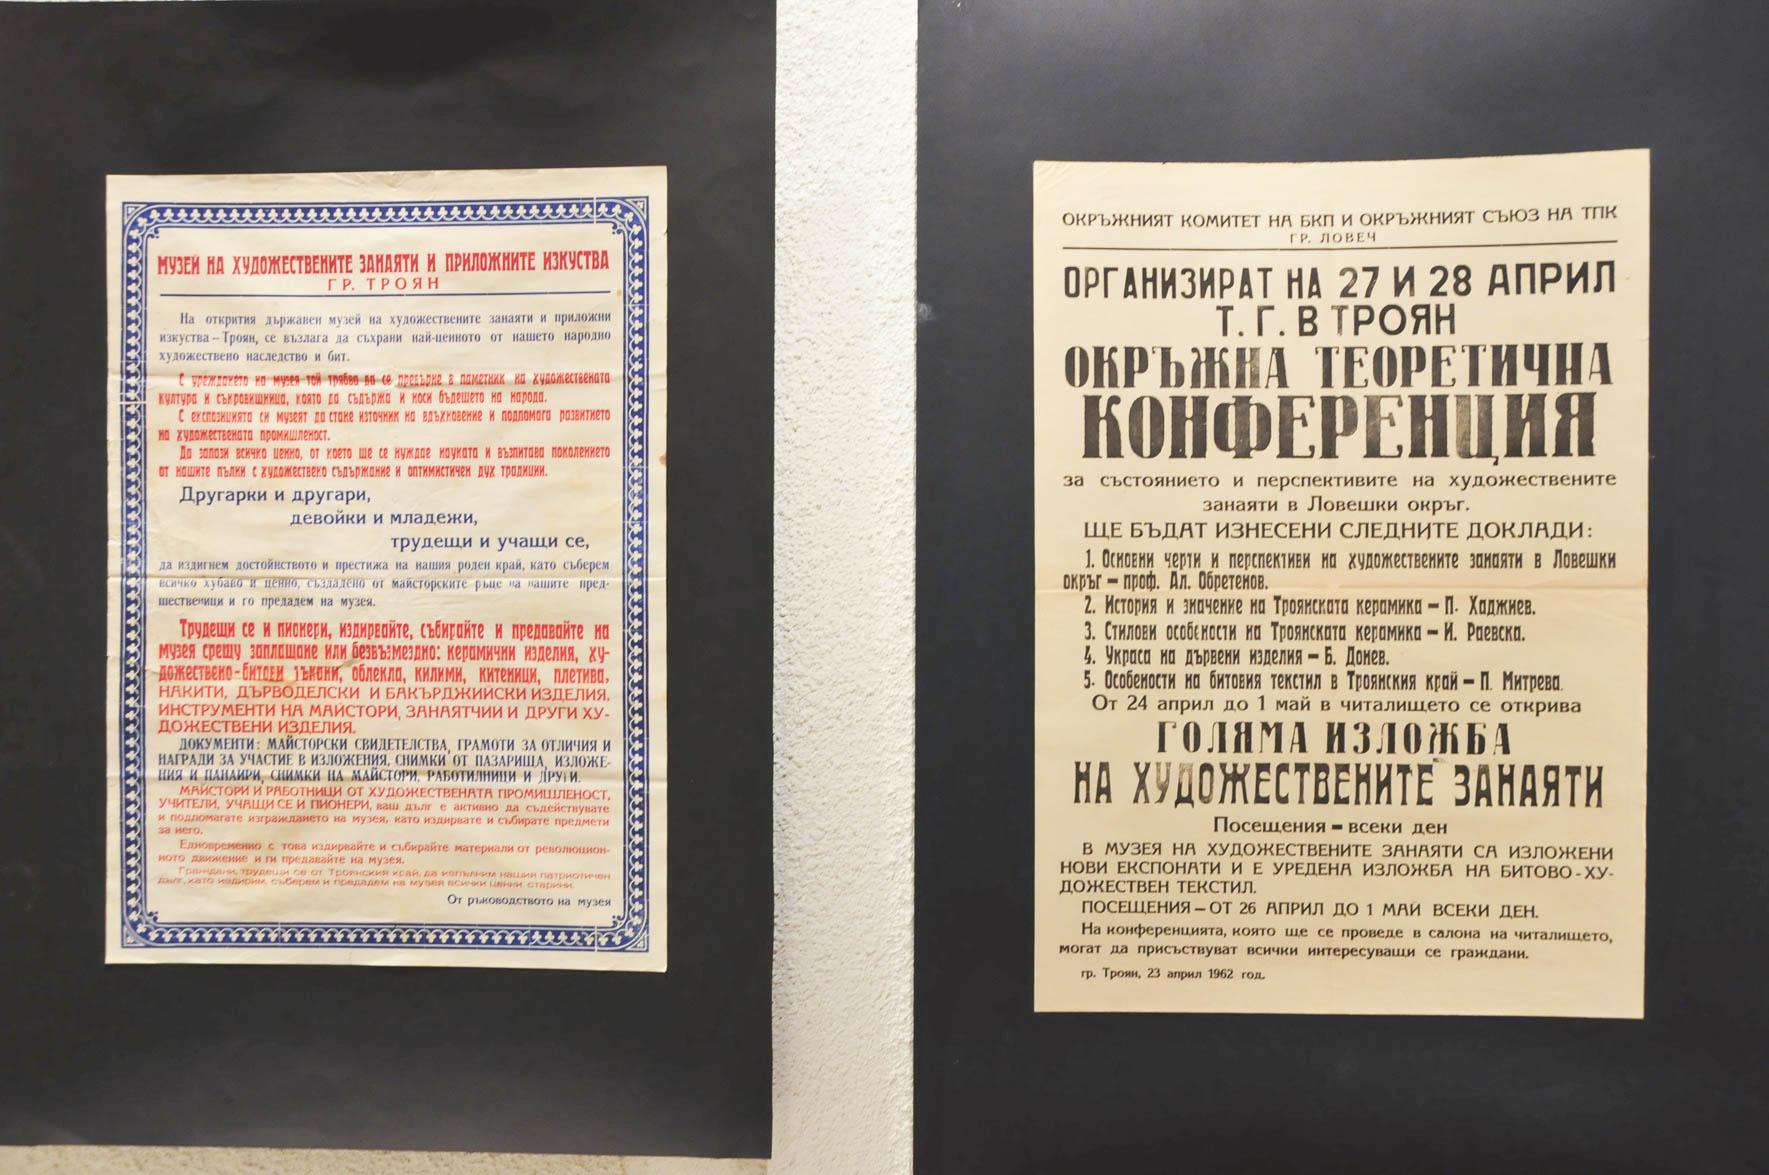 troyan-museum-razkaz-dokumenti-29